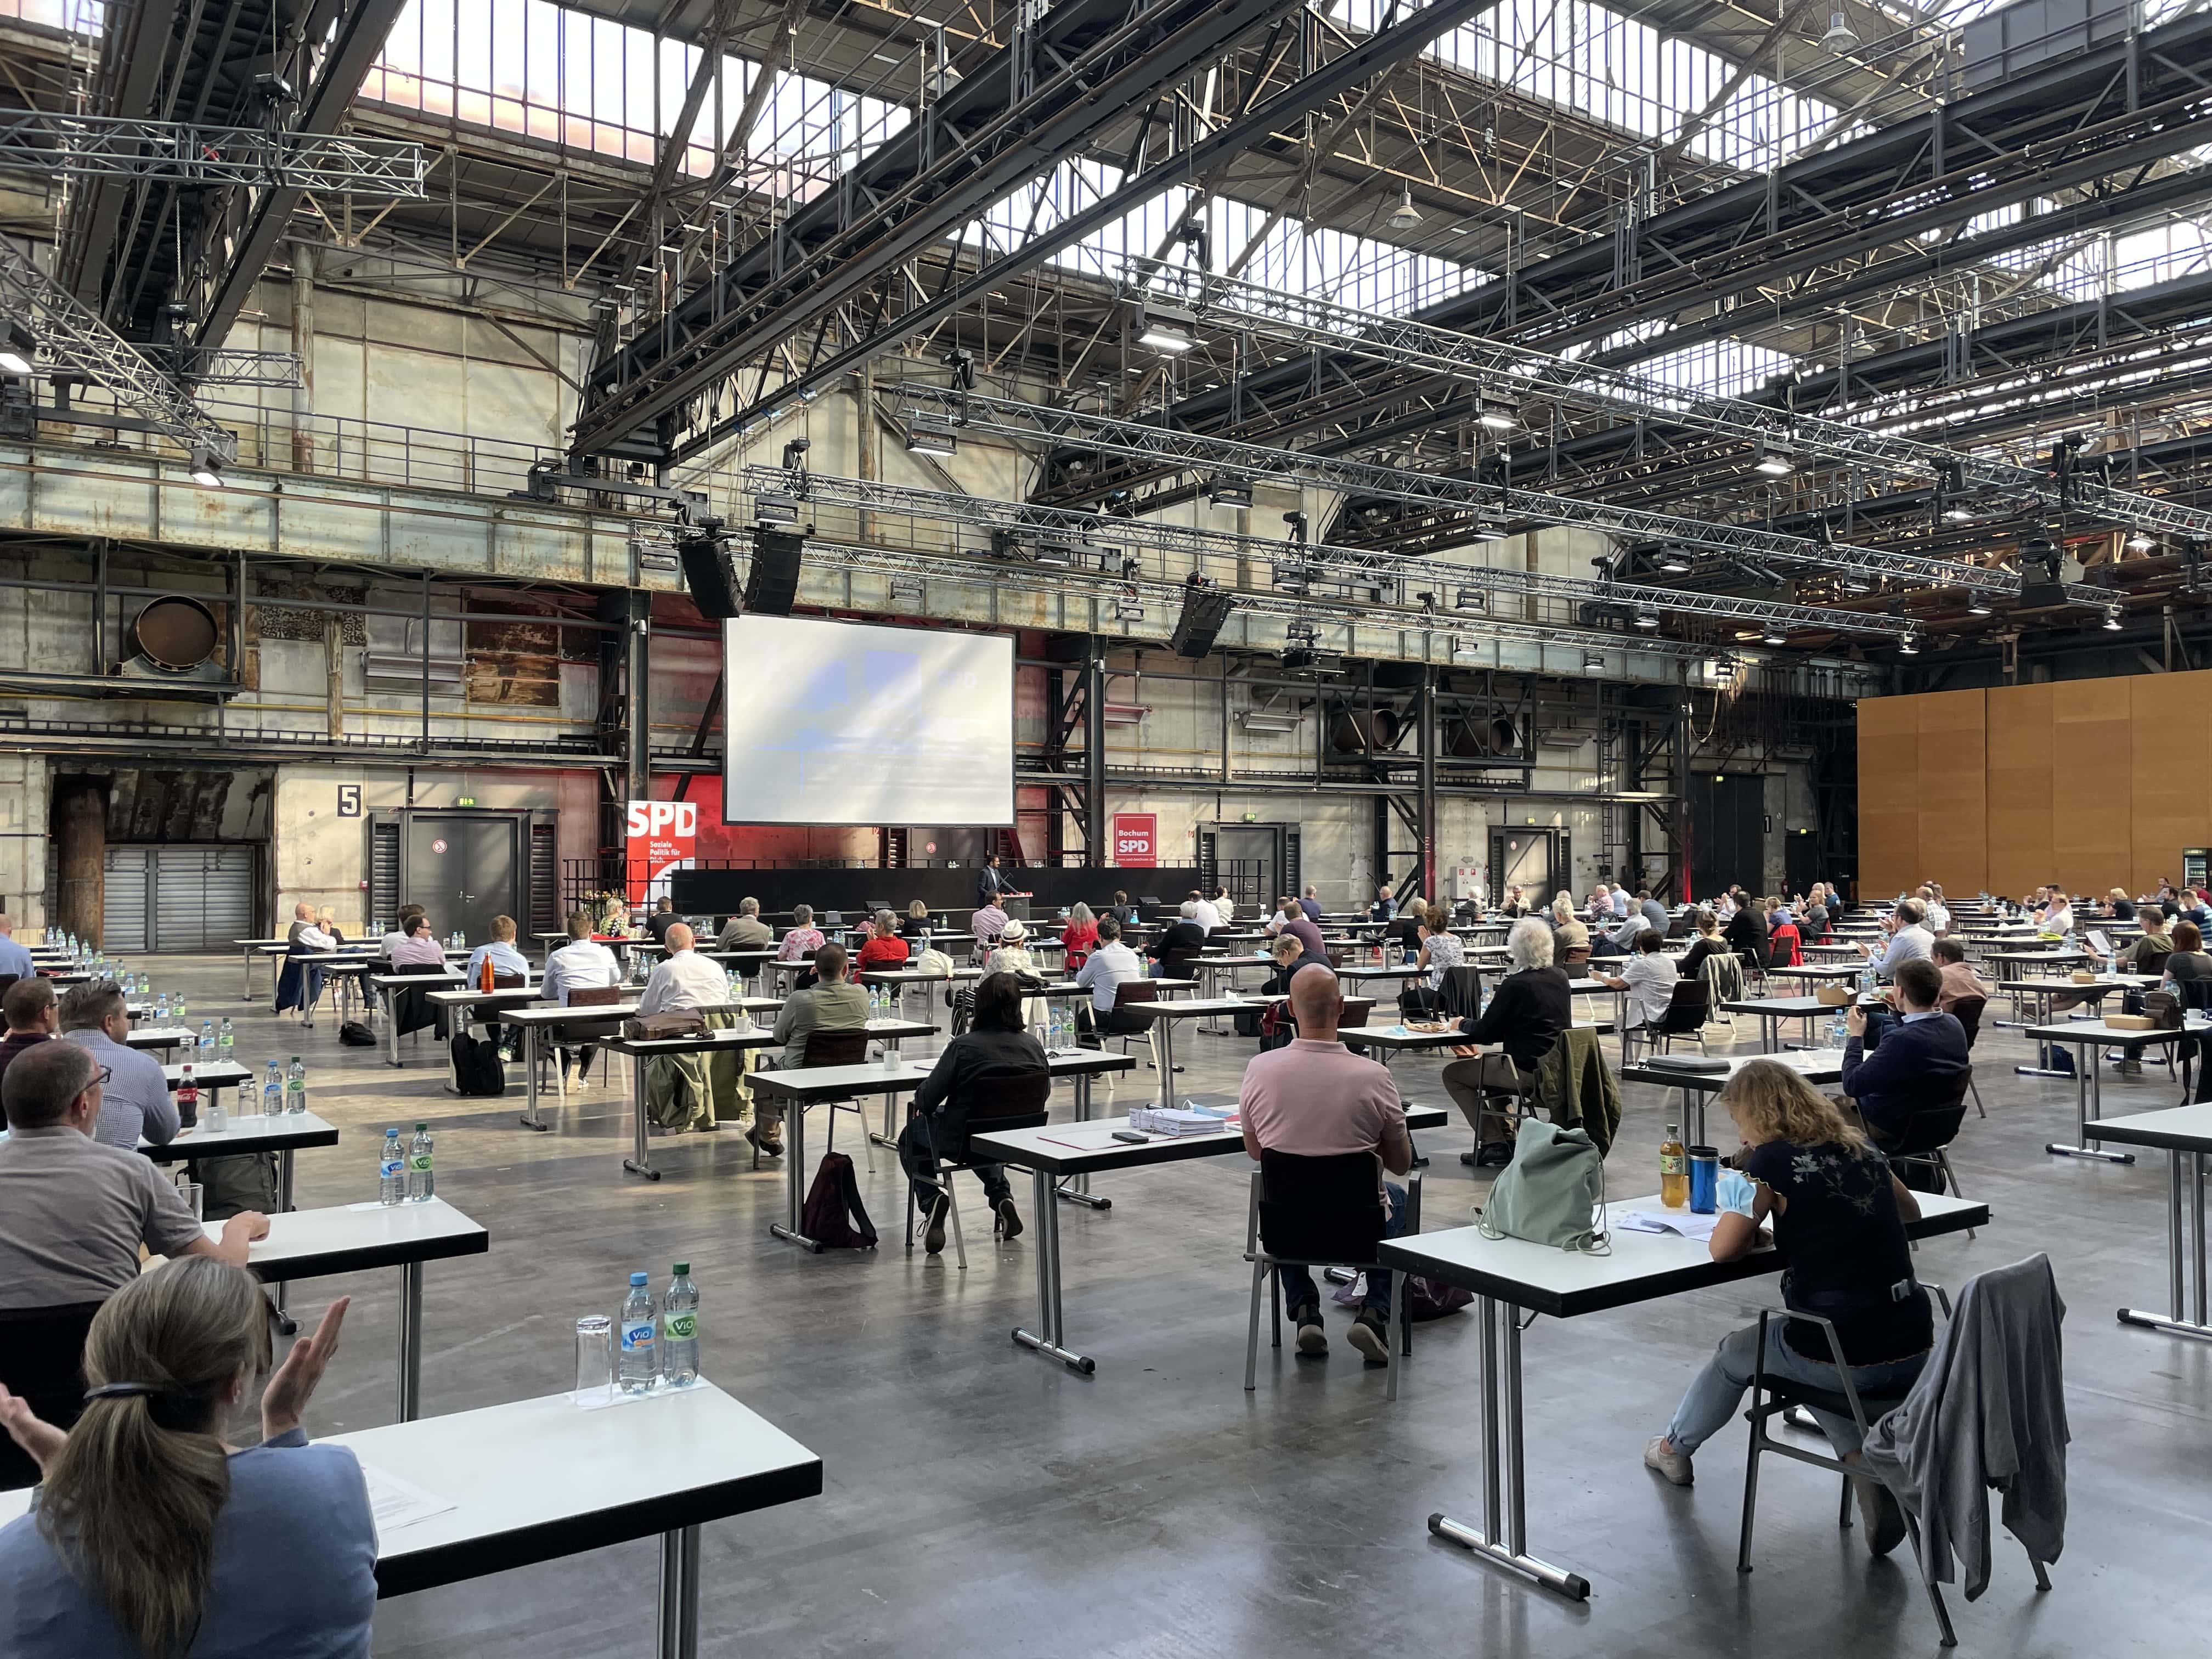 Parteitag der SPD Bochum in der Jahrhunderthalle Bochum (26. Juni 2021)